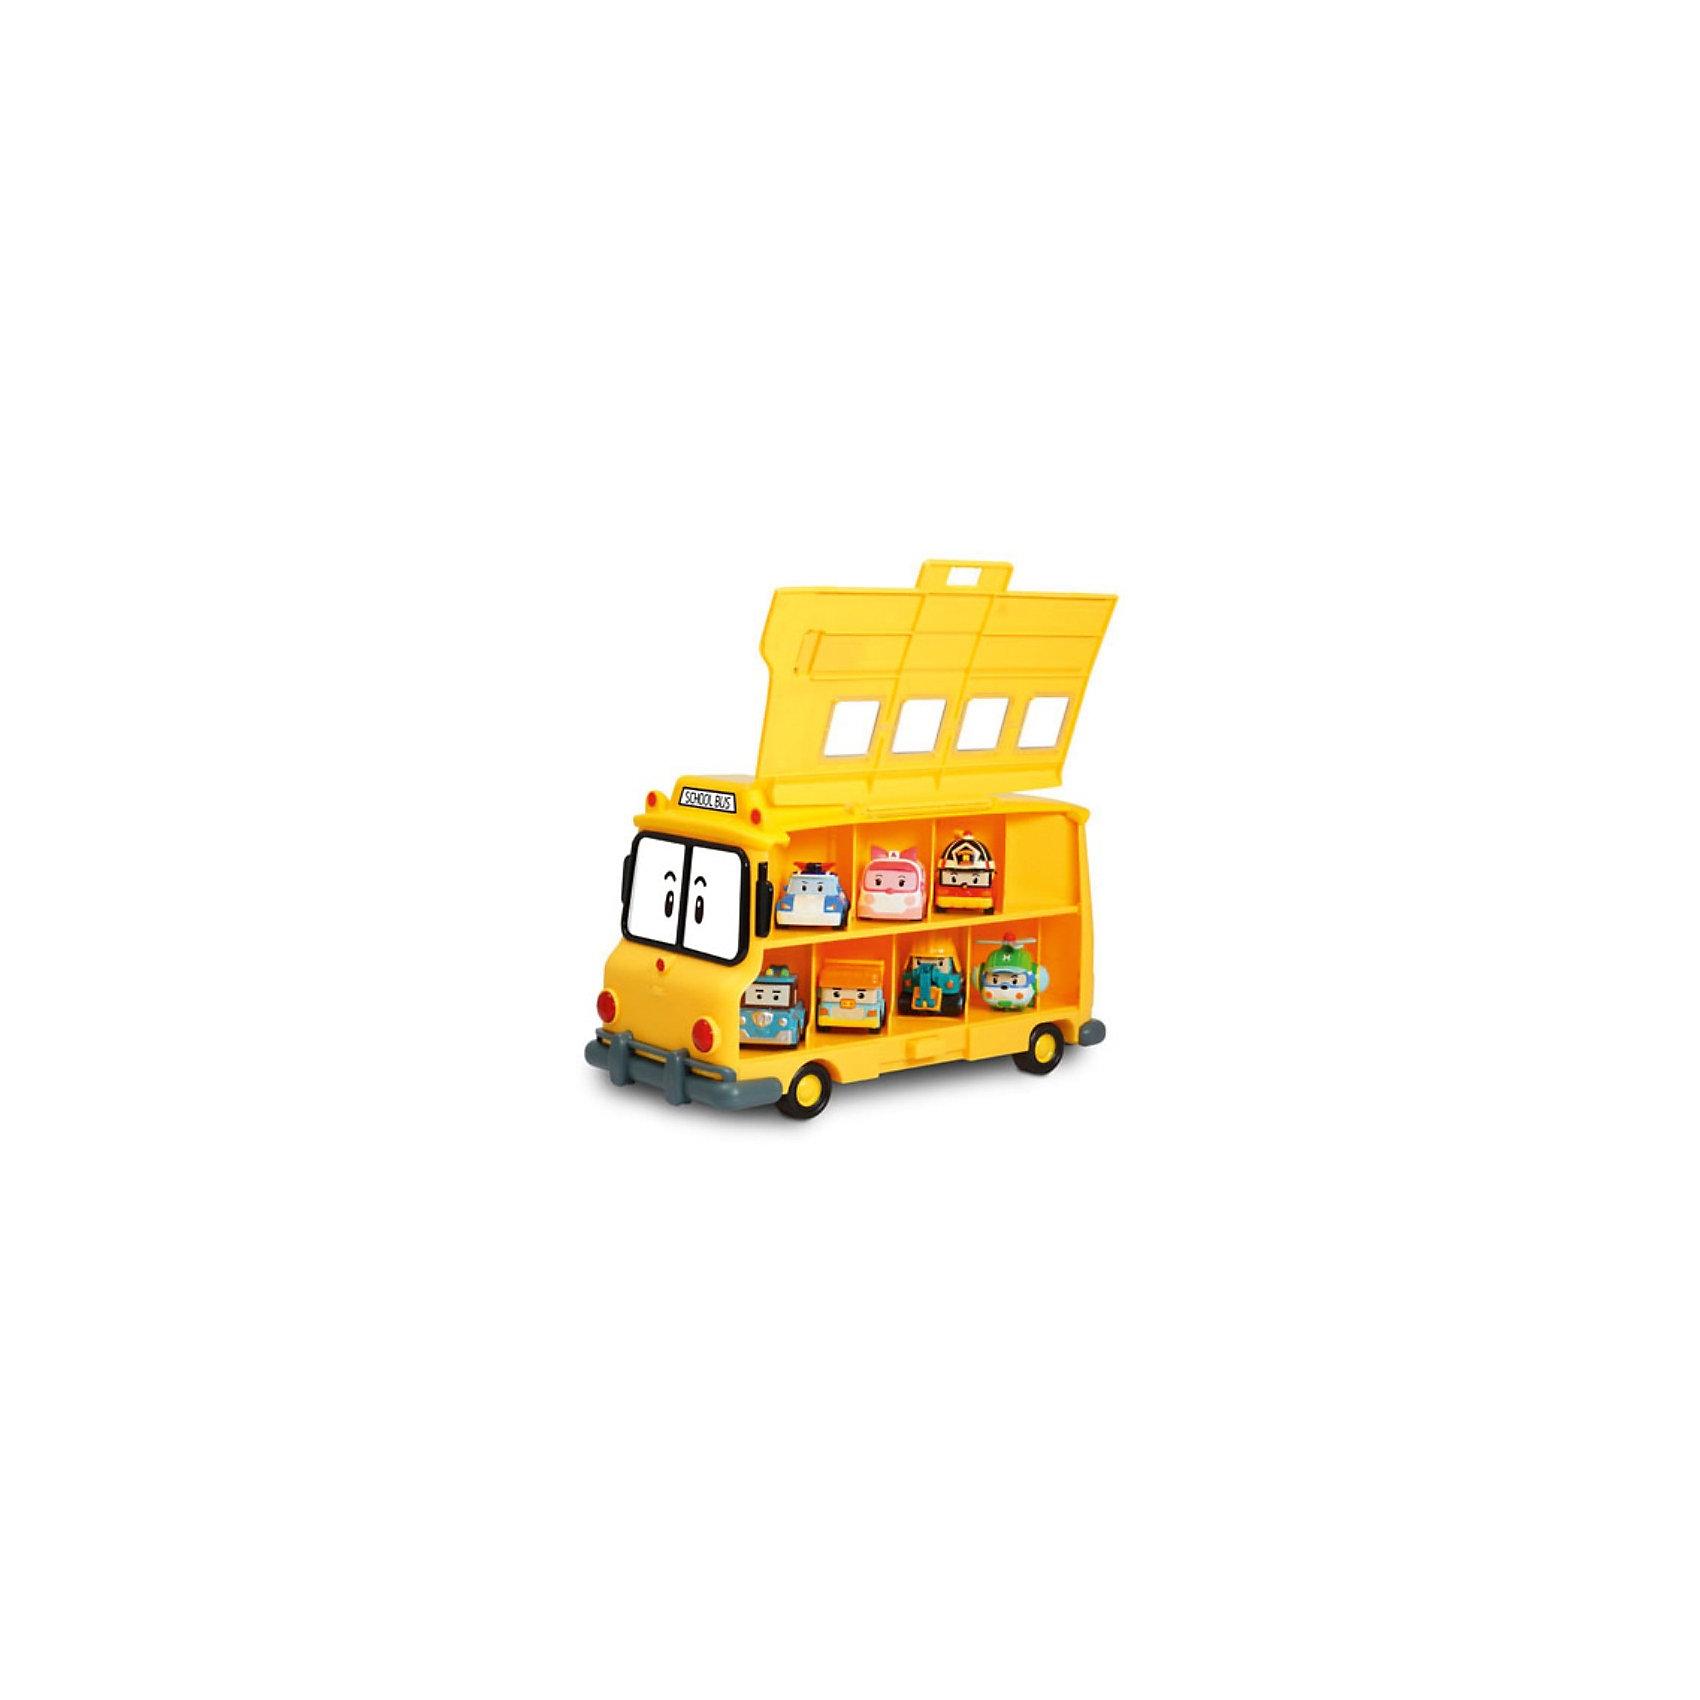 Кейс для хранения машинок Скулби, Робокар ПолиКейс для хранения машинок Скулби, Робокар Поли – это восхитительная игрушка по мотивам популярного мультсериала «Робокар Поли и его друзья»  (Robocar Poli).<br>Кейс для хранения машинок Скулби решает вопрос с хранением сразу 14 машинок, героев полюбившегося мультсериала Робокар Поли. Кейс внешне как две капли воды похож на школьный автобус Скулби. Но его боковые стенки поднимаются и открывают доступ к секциям для хранения металлических машинок Робокар Поли. Машинки хранятся в высоту в два ряда. Верхний ряд машинок выглядывает из окошек, они видны при закрытых стенках кейса. Игрушка изготовлена из высококачественных, безопасных и экологически чистых материалов.<br><br>Дополнительная информация:<br><br>- Вместимость: 14 машинок размером 6 см.<br>- Машинки в комплект не входят, приобретаются отдельно<br>- Материал: пластик<br>- Размер упаковки: 320х200х150 мм.<br><br>Кейс для хранения машинок Скулби, Робокар Поли можно купить в нашем интернет-магазине.<br><br>Ширина мм: 320<br>Глубина мм: 200<br>Высота мм: 150<br>Вес г: 1160<br>Возраст от месяцев: 36<br>Возраст до месяцев: 84<br>Пол: Мужской<br>Возраст: Детский<br>SKU: 3801215